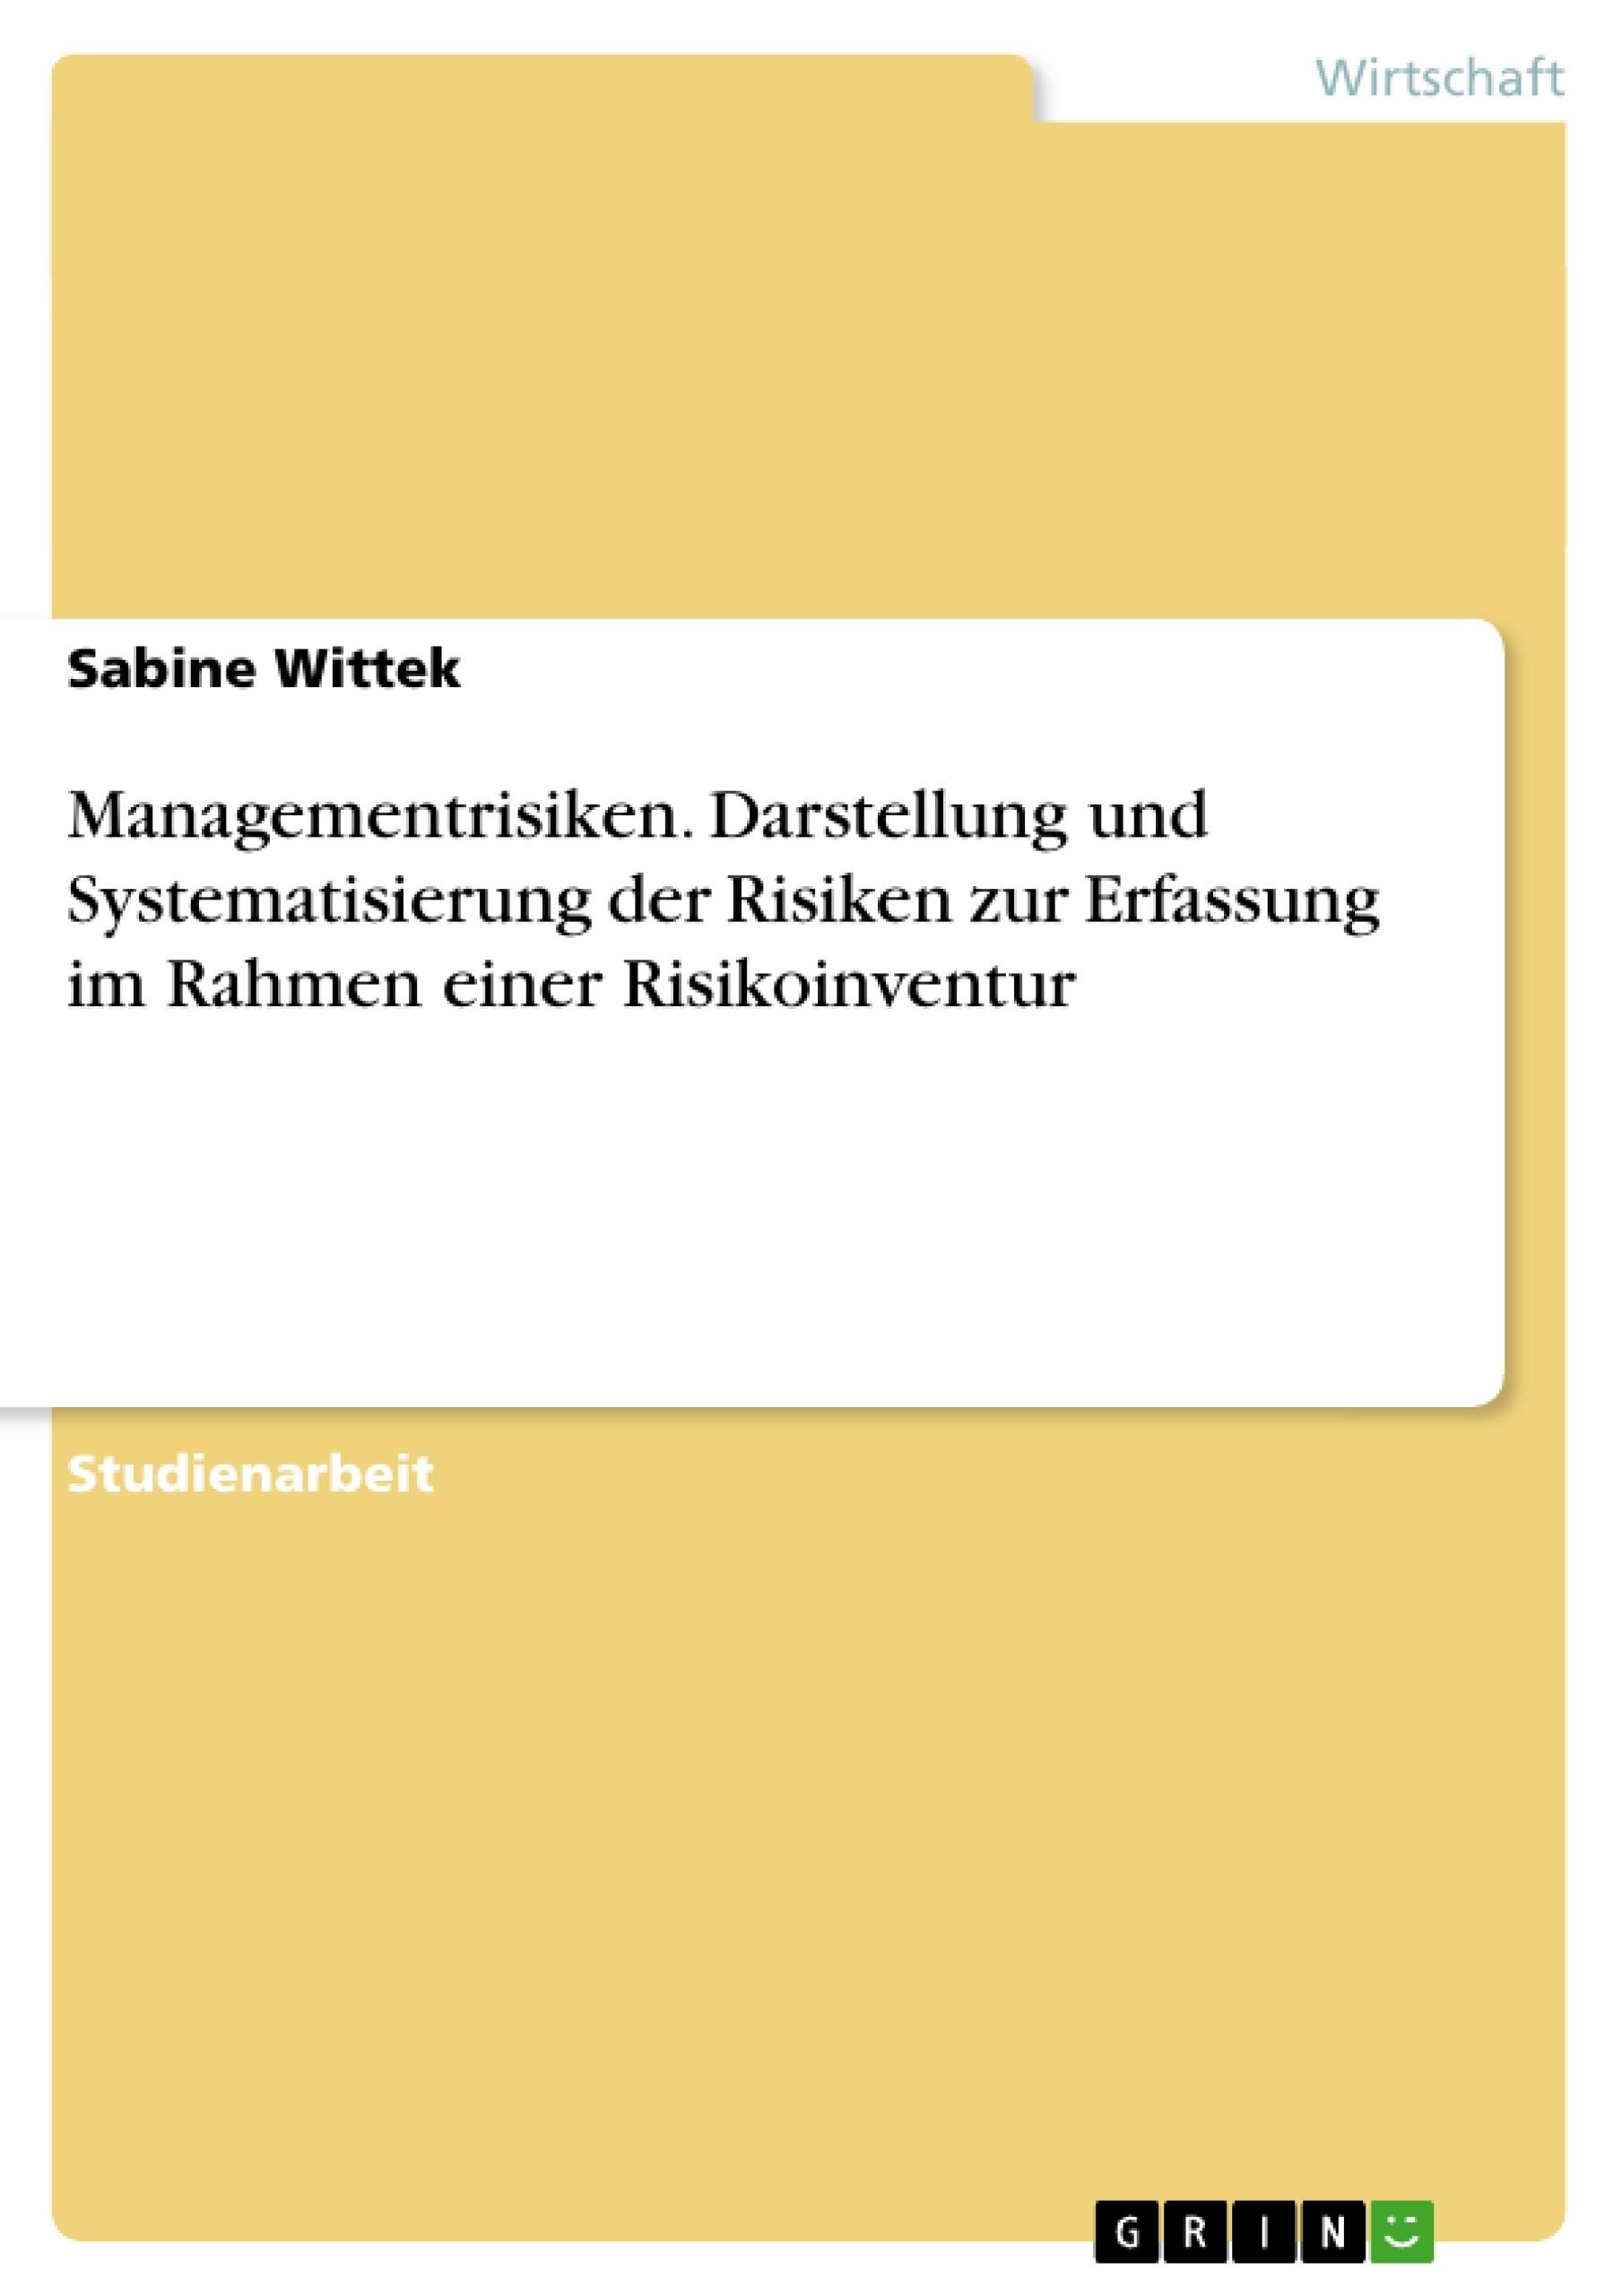 Titel: Managementrisiken. Darstellung und Systematisierung der Risiken zur Erfassung im Rahmen einer Risikoinventur